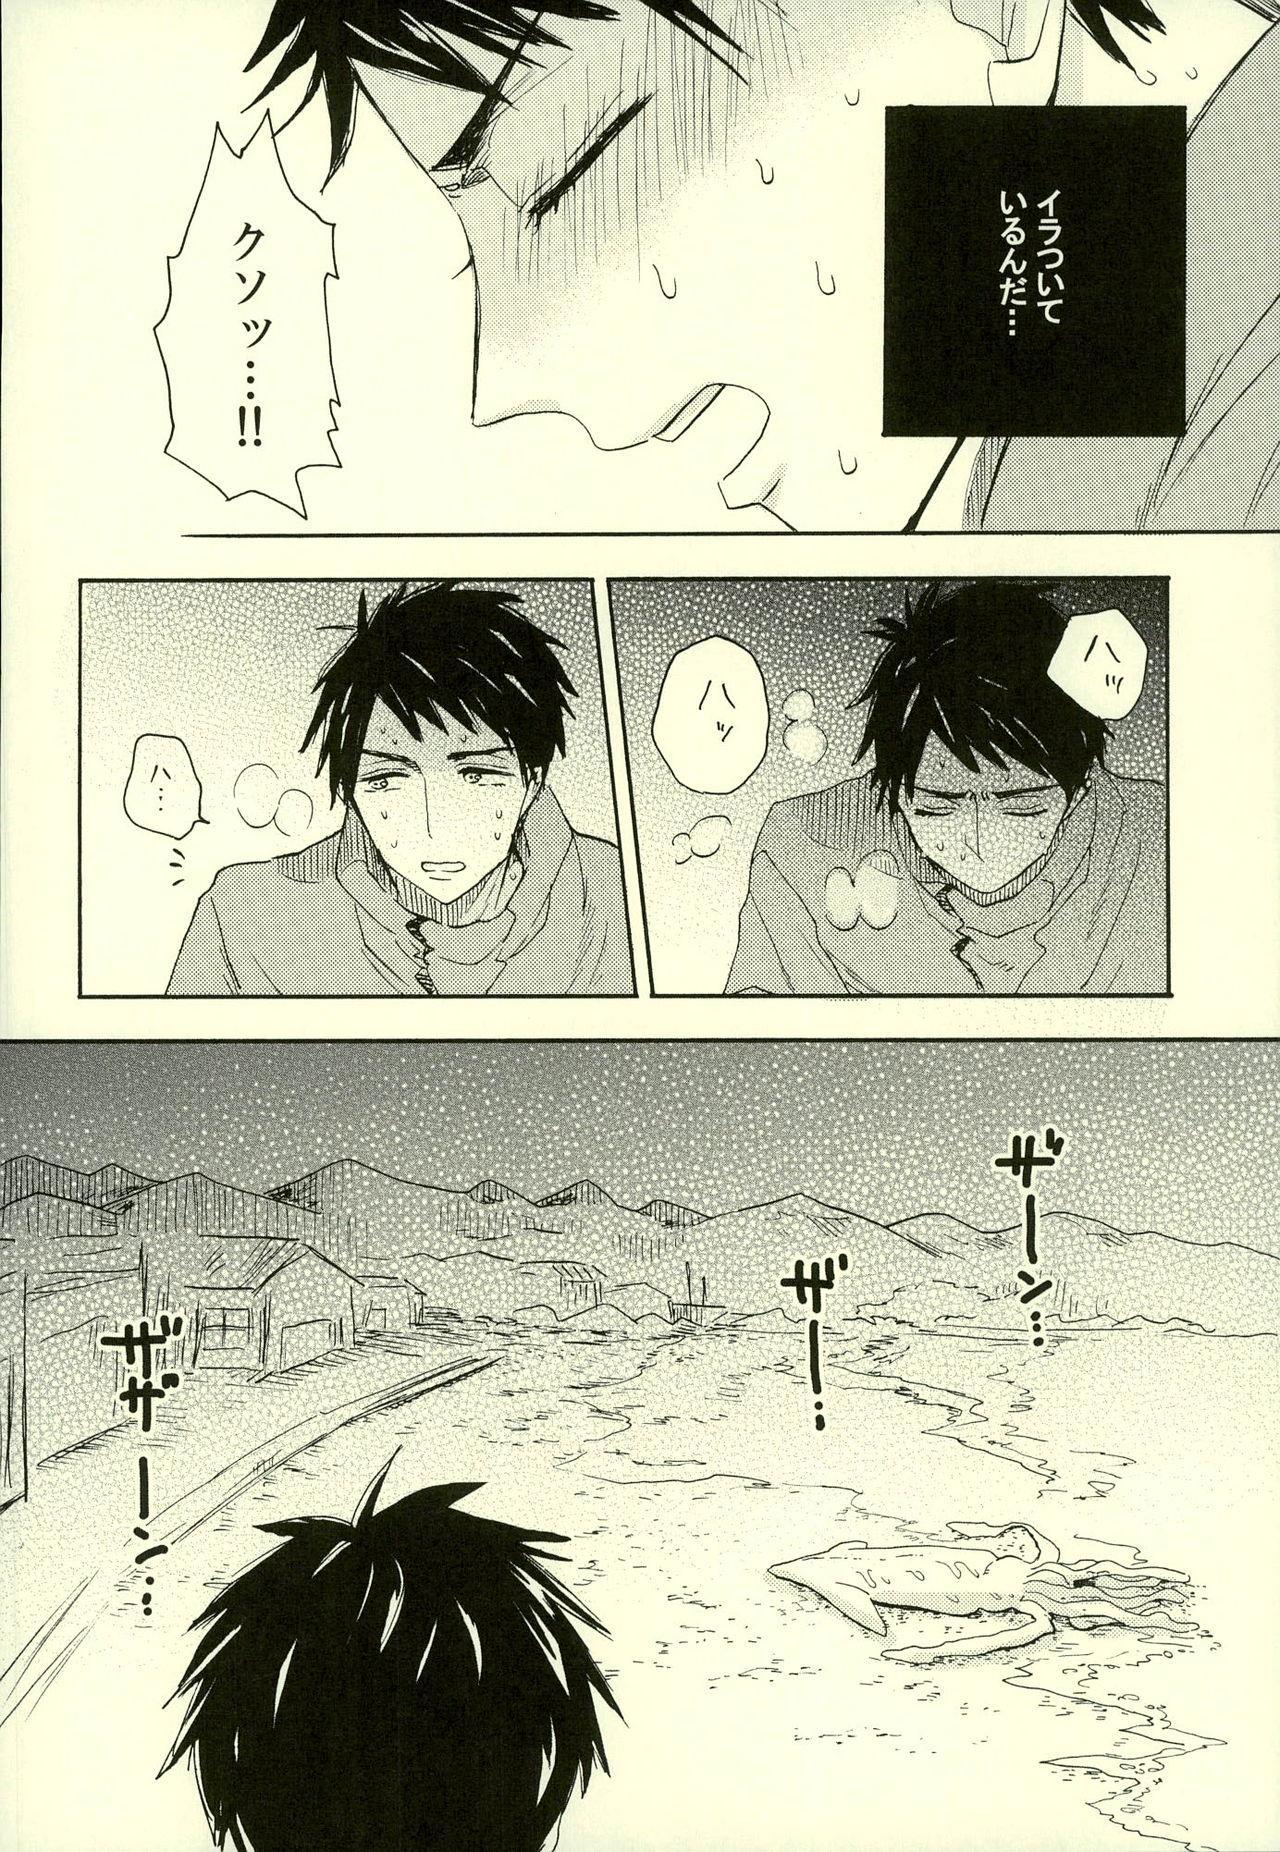 (SUPERKansai20) [hn (Pirori)] Sou-chan Jana-ika!? (Free!) 2